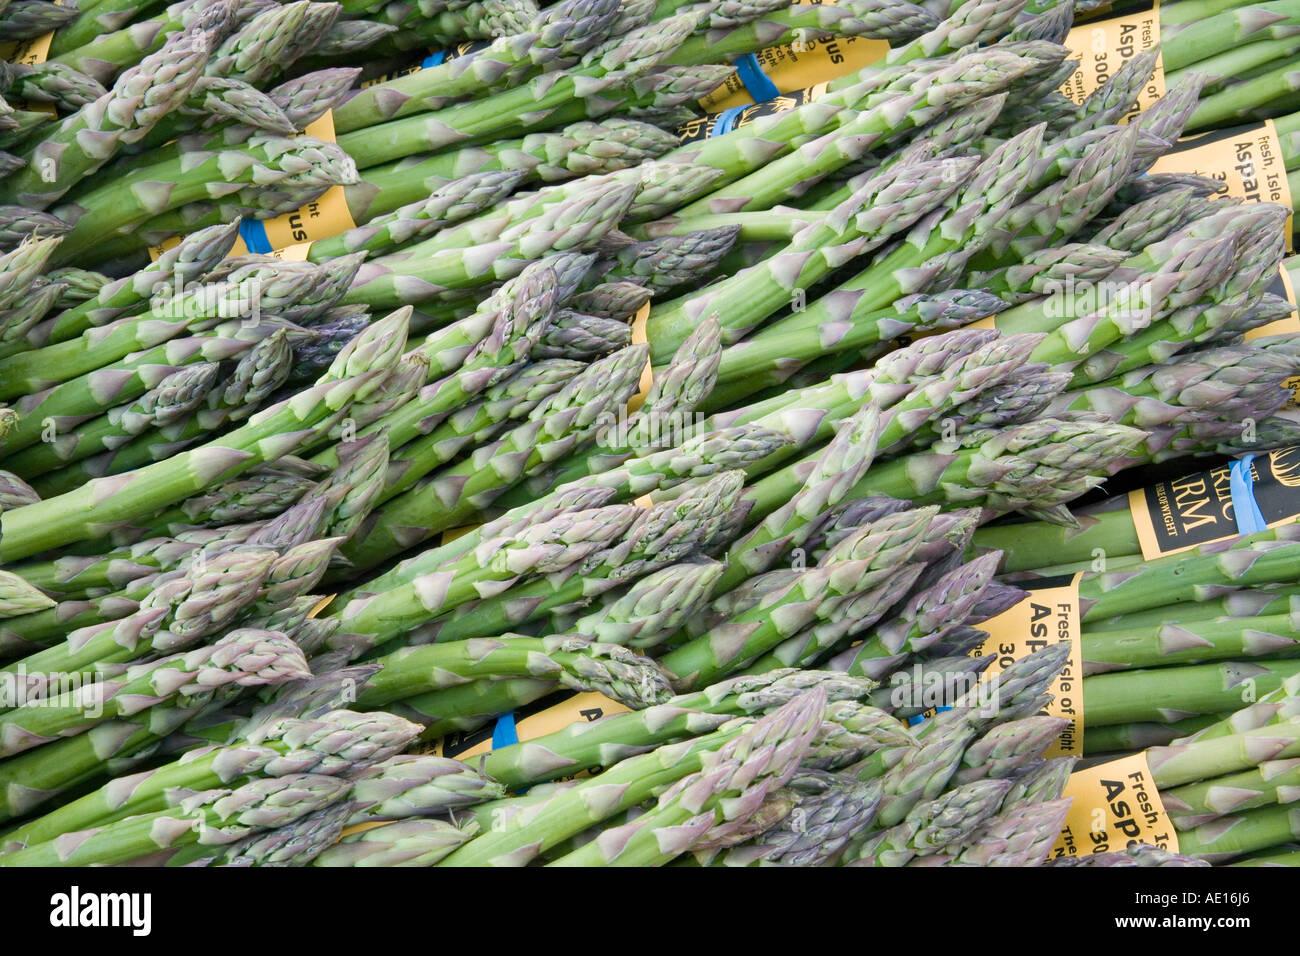 L'asperge (Asparagus officinalis) spears liés ensemble dans un groupe. Cette saison, est une bonne source d'acide folique, bêta- Photo Stock